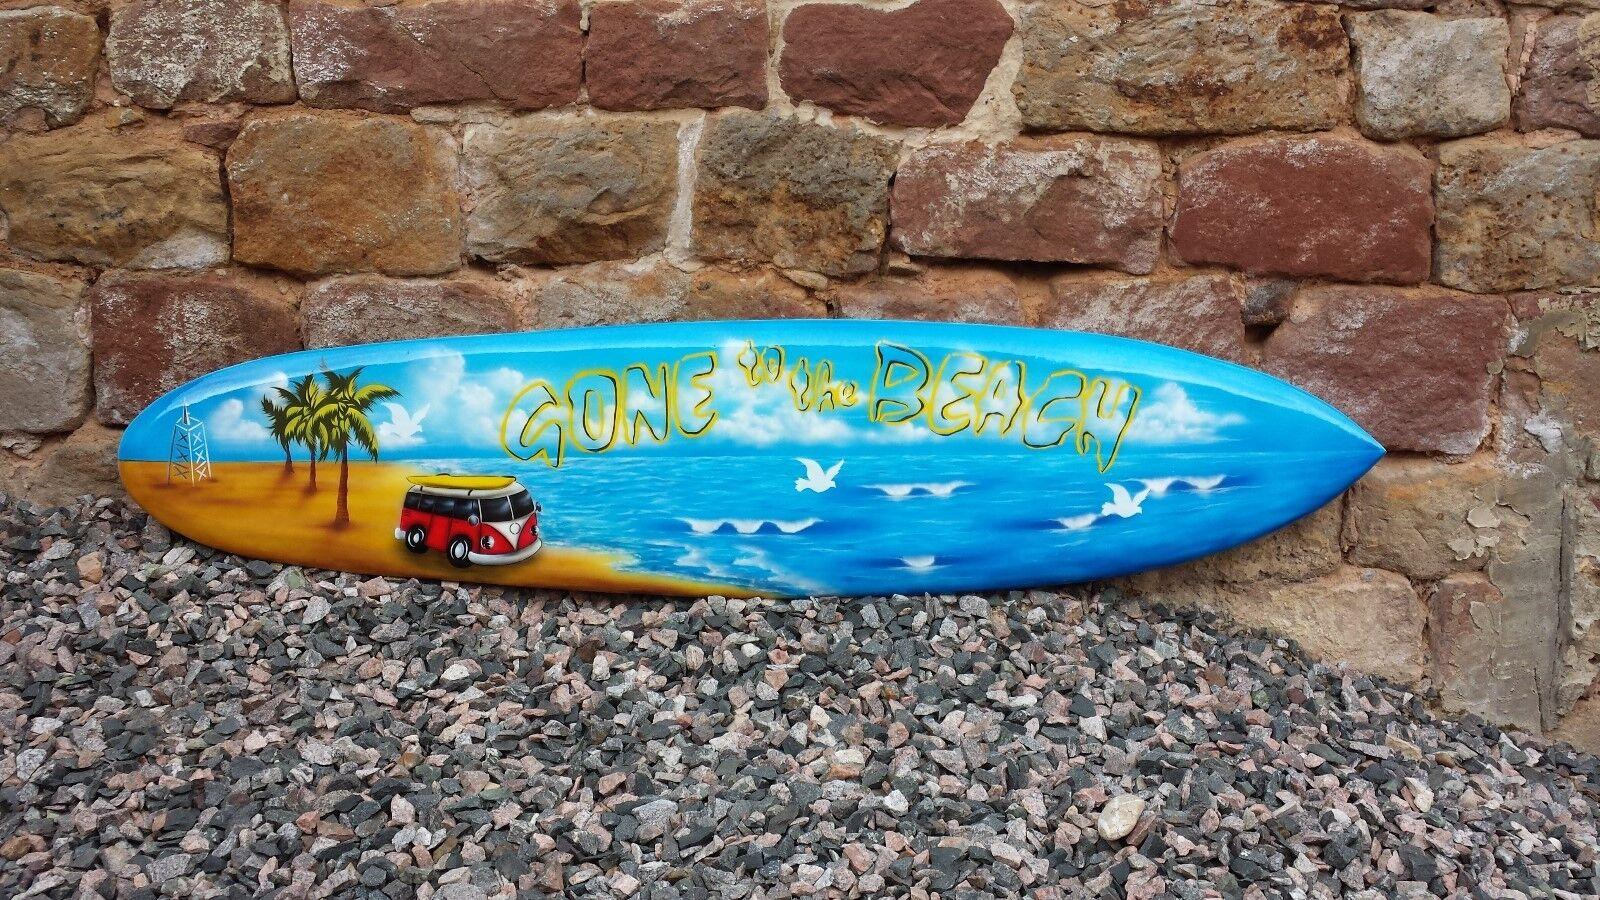 SU 160 R7 ro Deko Surfboard 160 cm Surfbrett Surfbretter  Dekosurfboard Board    | Vielfalt  | Spielen Sie das Beste  | Hochwertige Produkte